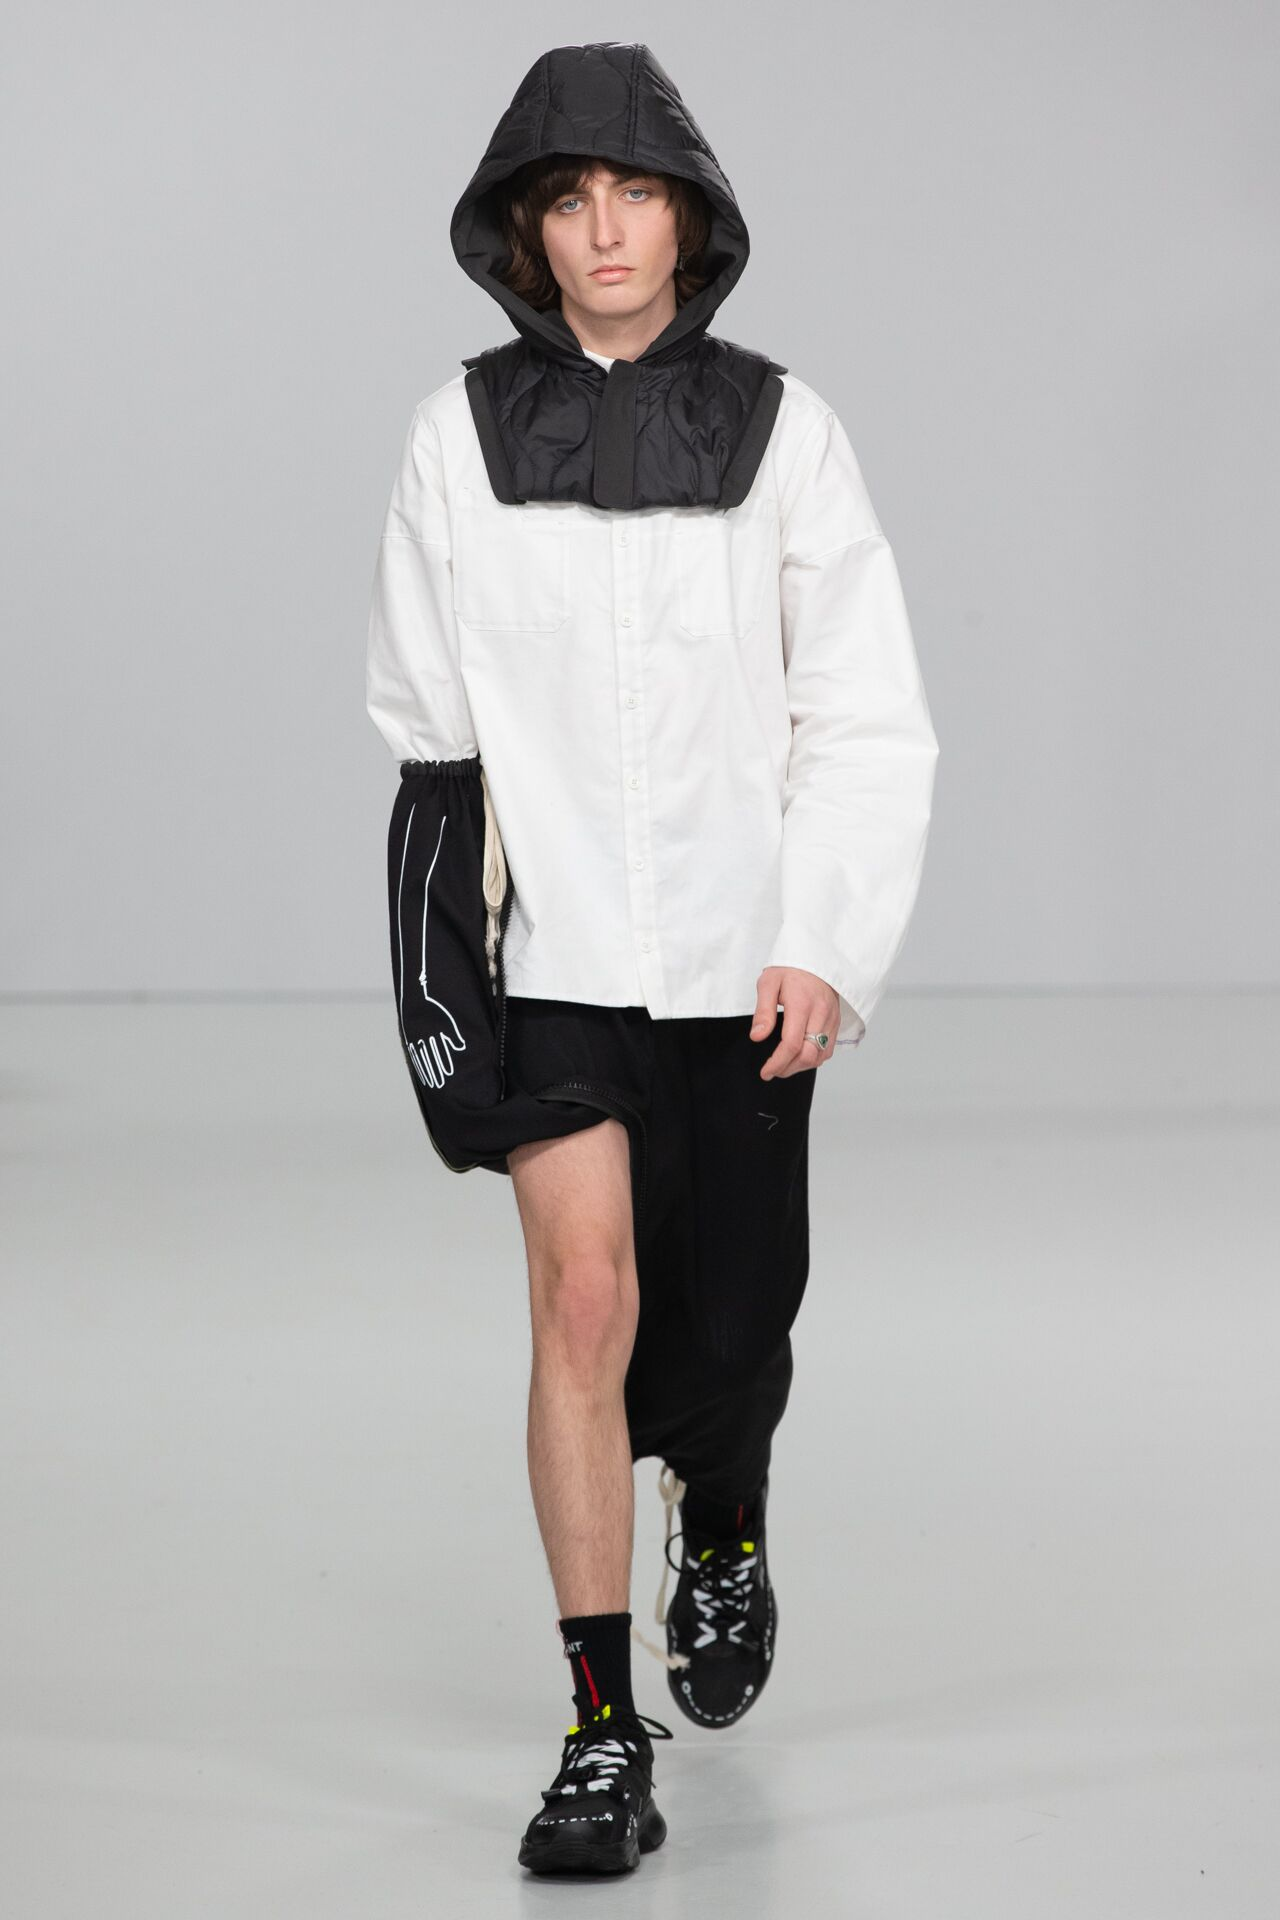 Saint ego aw20 during london fashion week (3)